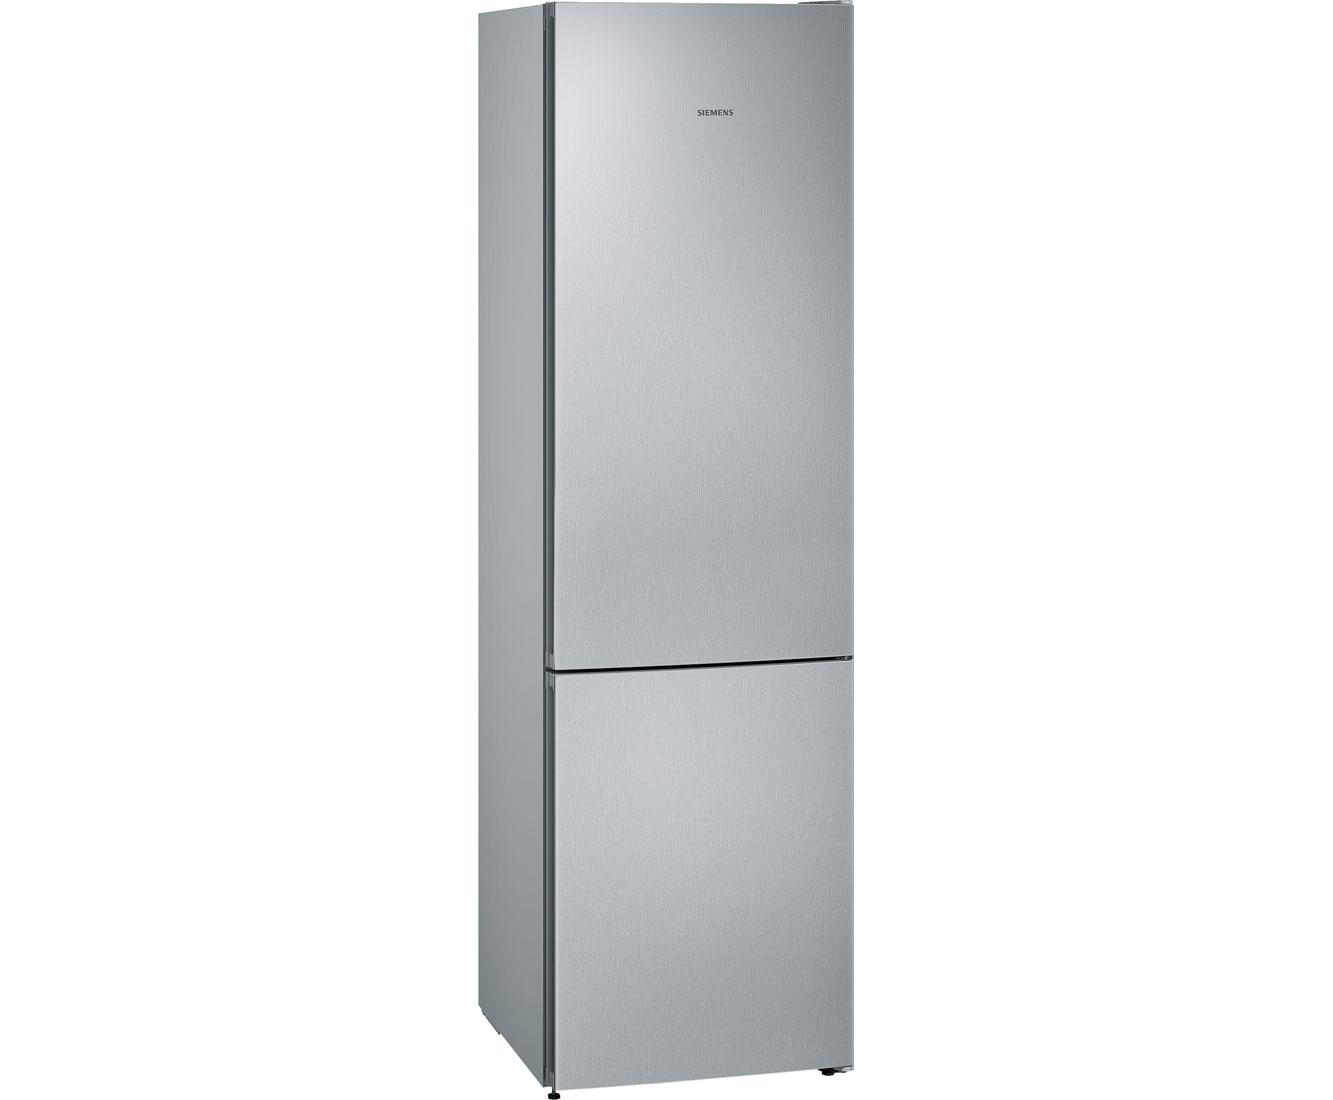 Siemens Kühlschrank Nach Abtauen Alarm : Siemens iq kg nvl kühl gefrierkombination mit no frost